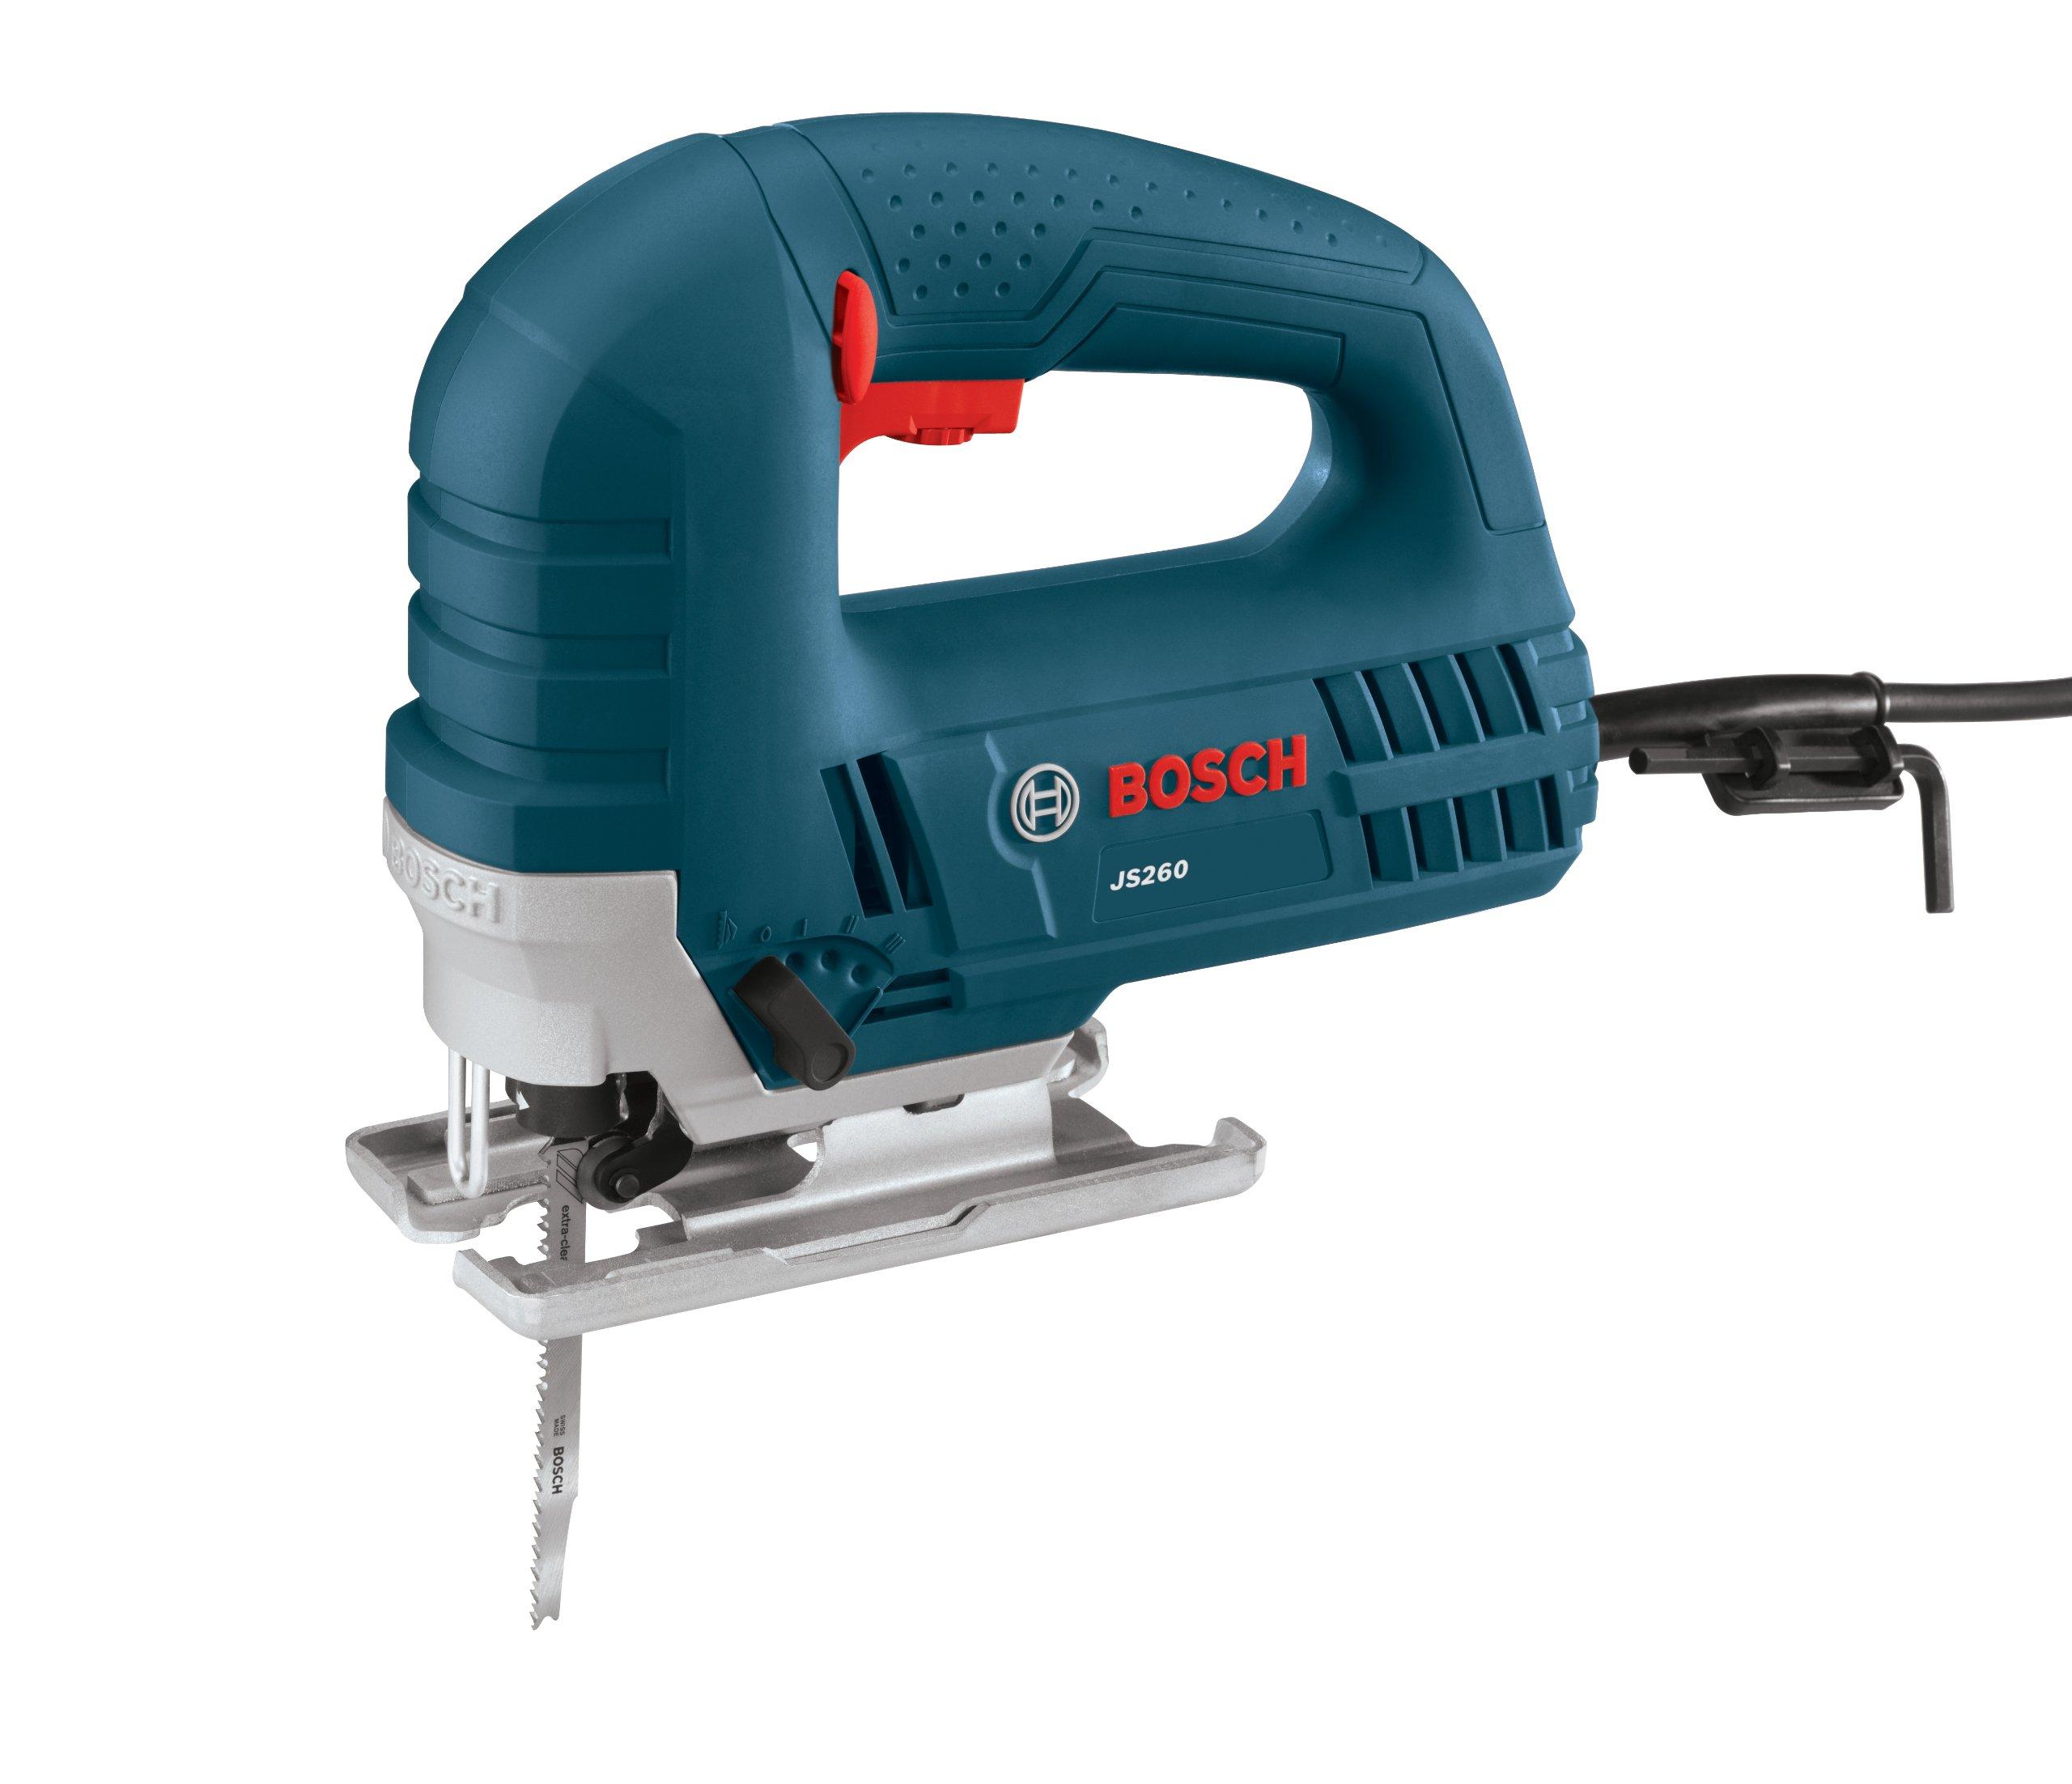 Bosch JS260 120 Volt Top Handle Jigsaw